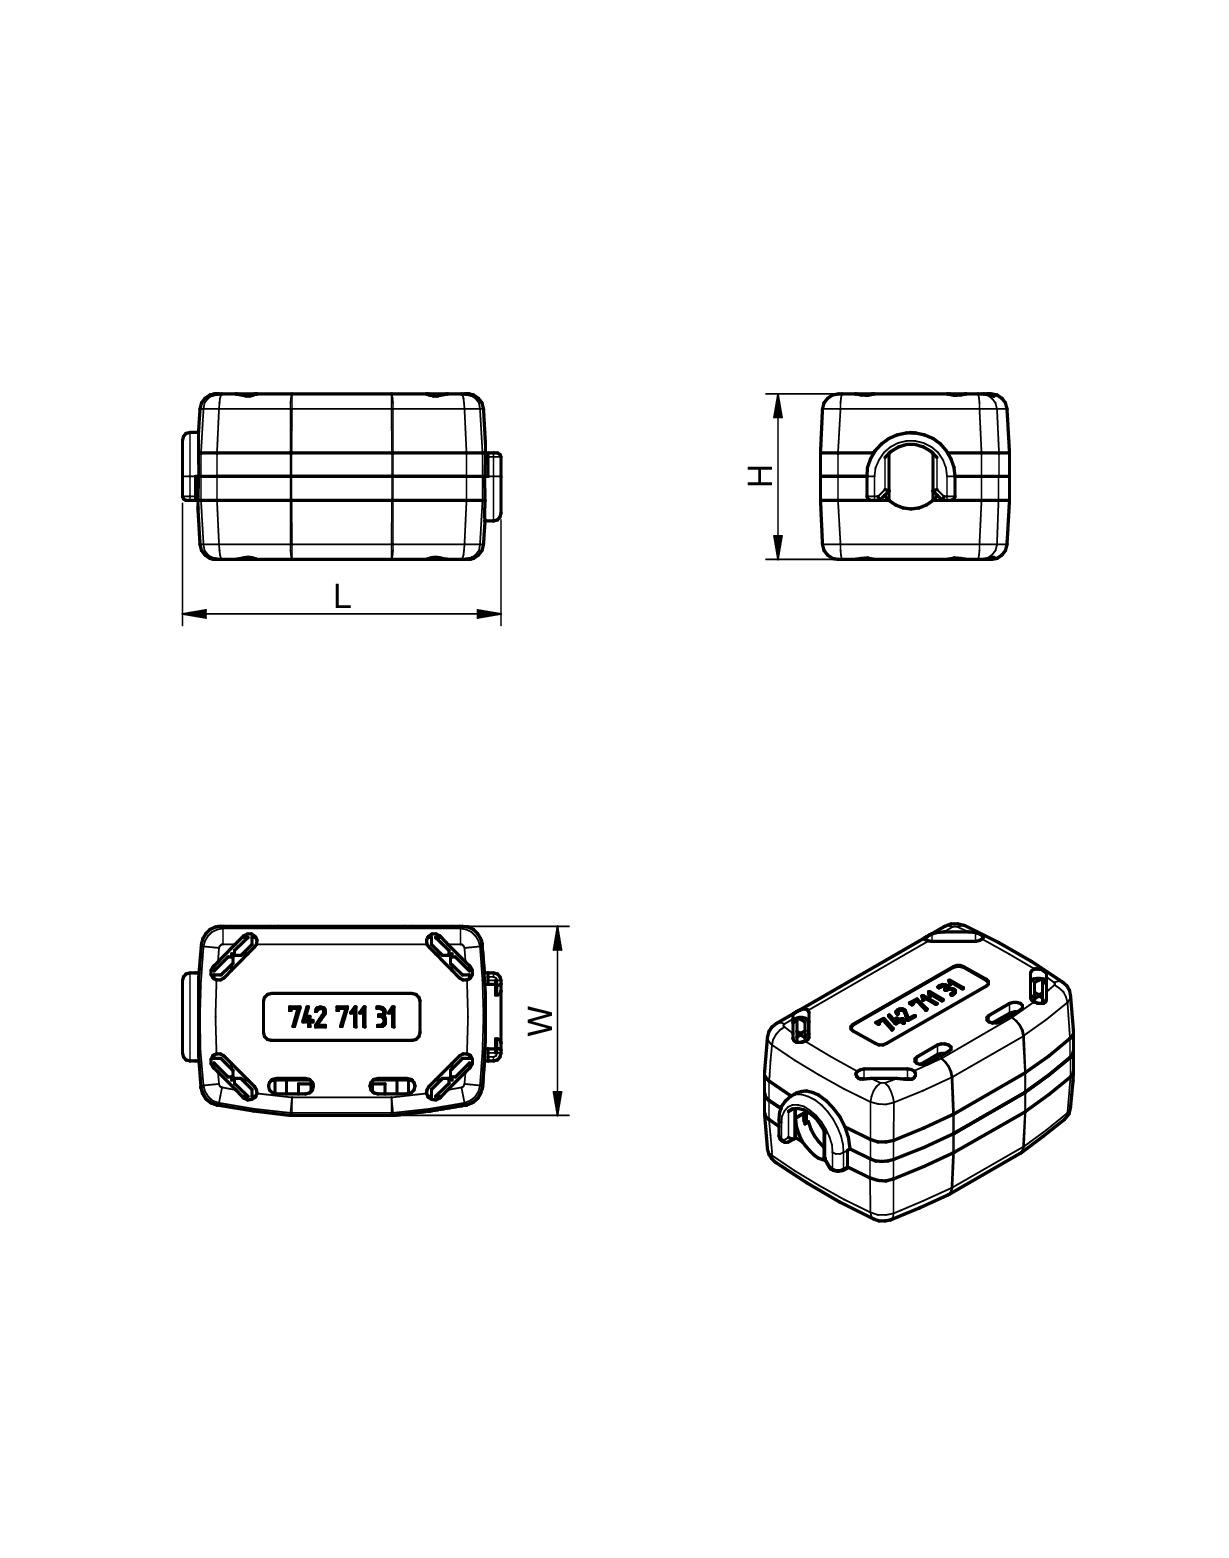 Dayton 6a858 Wiring Diagram Get Free Image About Wiring Diagram